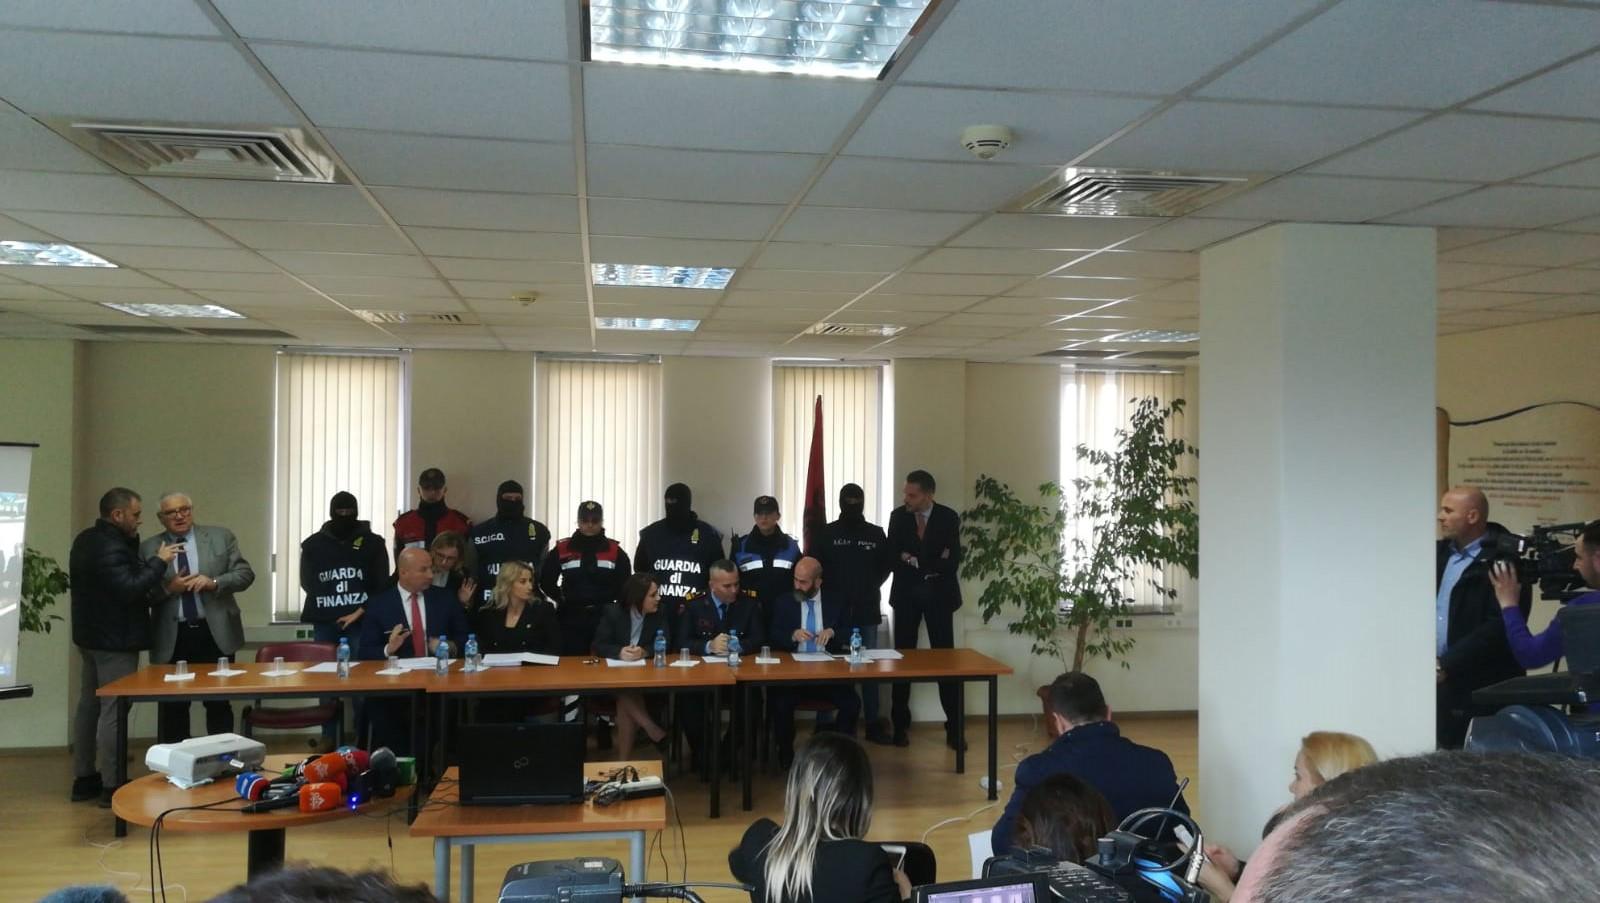 a255148f13 Traffico di droga, smantellata dalla Guardia di Finanza una rete  italo-albanese. Arrestate 27 persone - Report Difesa